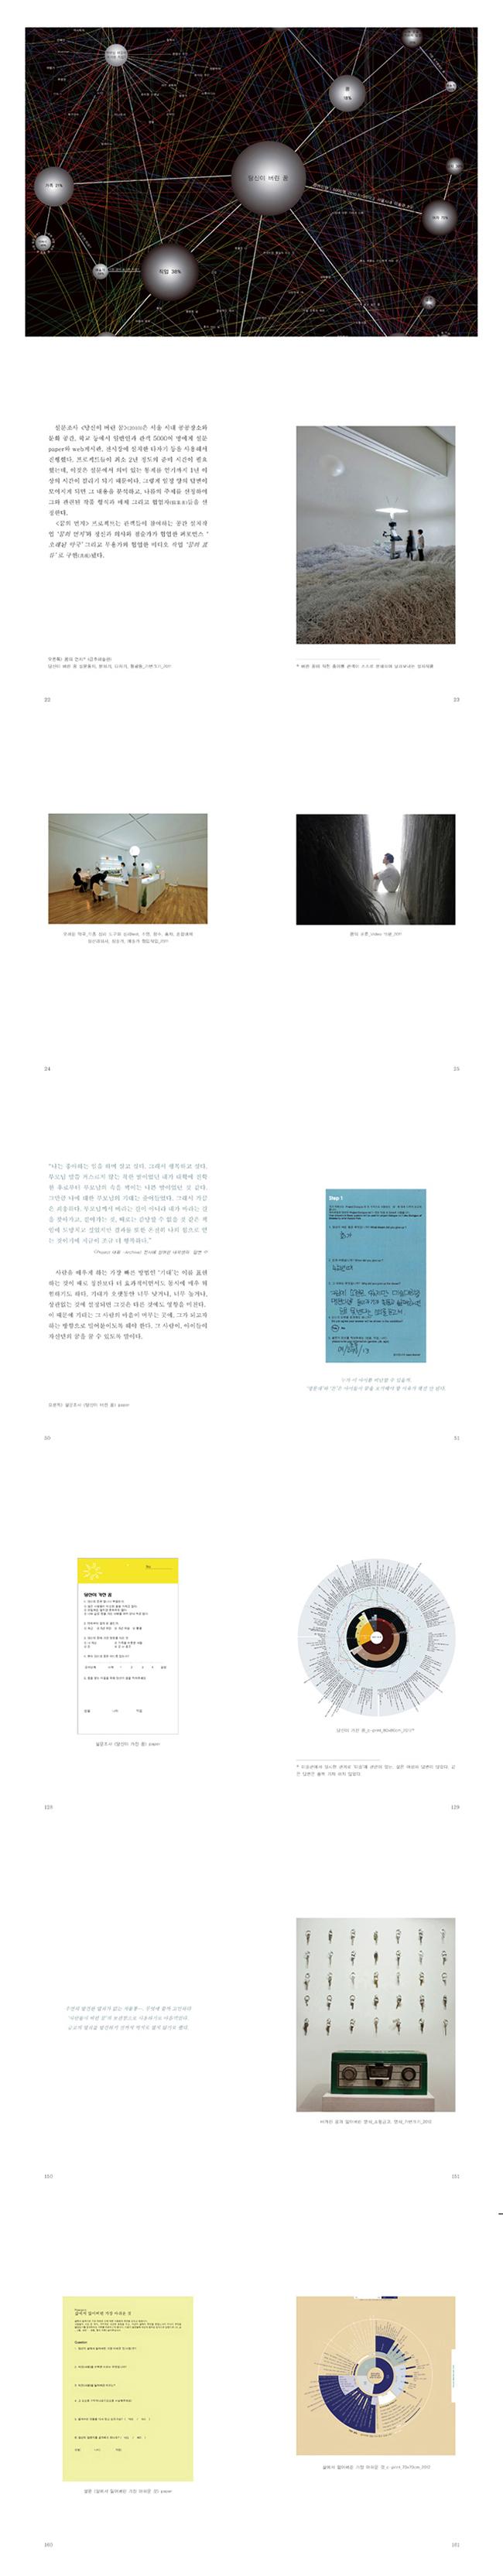 a84325807405de14541902df5178f74b.jpg